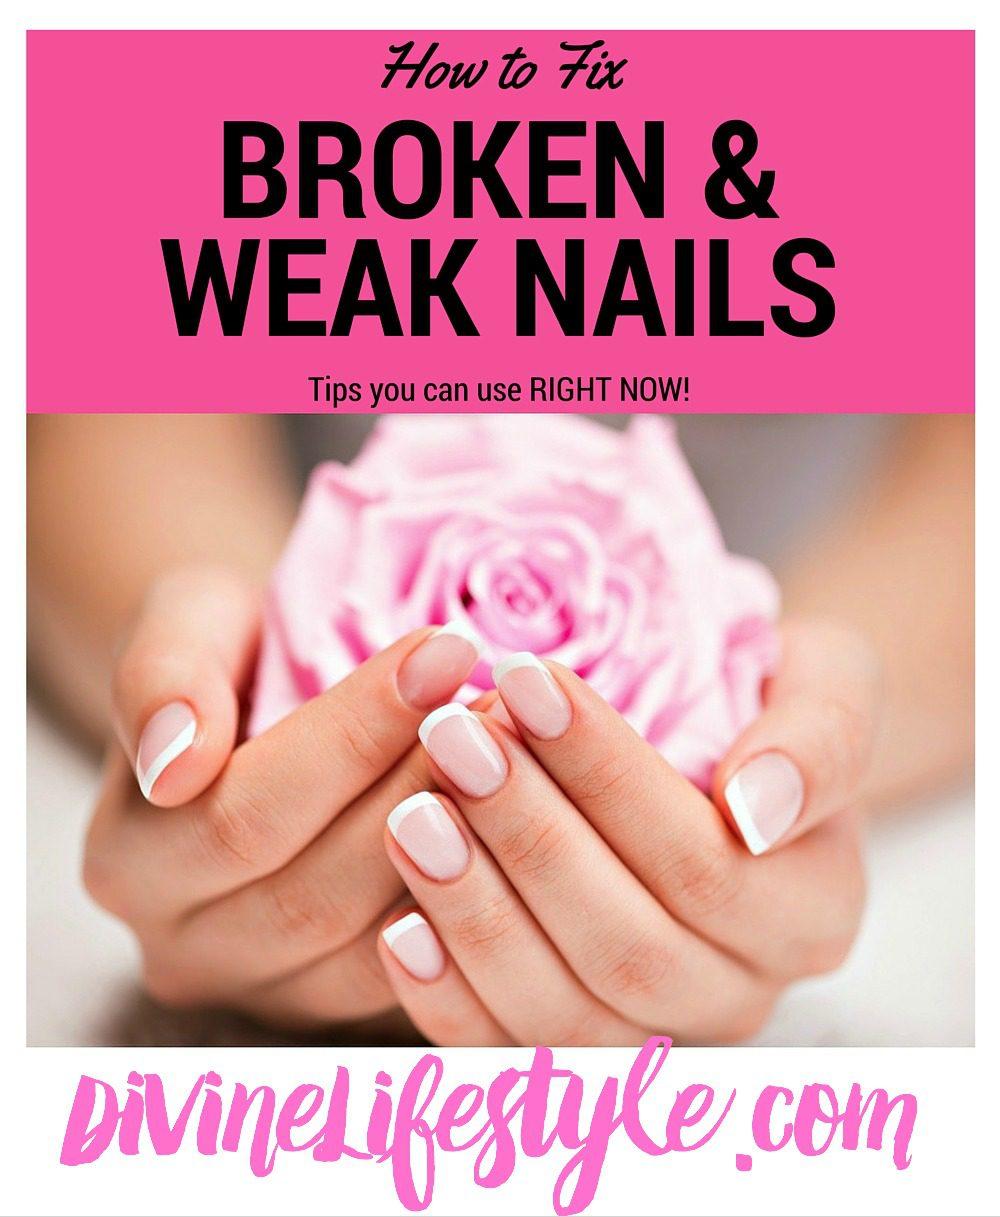 How to Fix Broken or Weak Nails